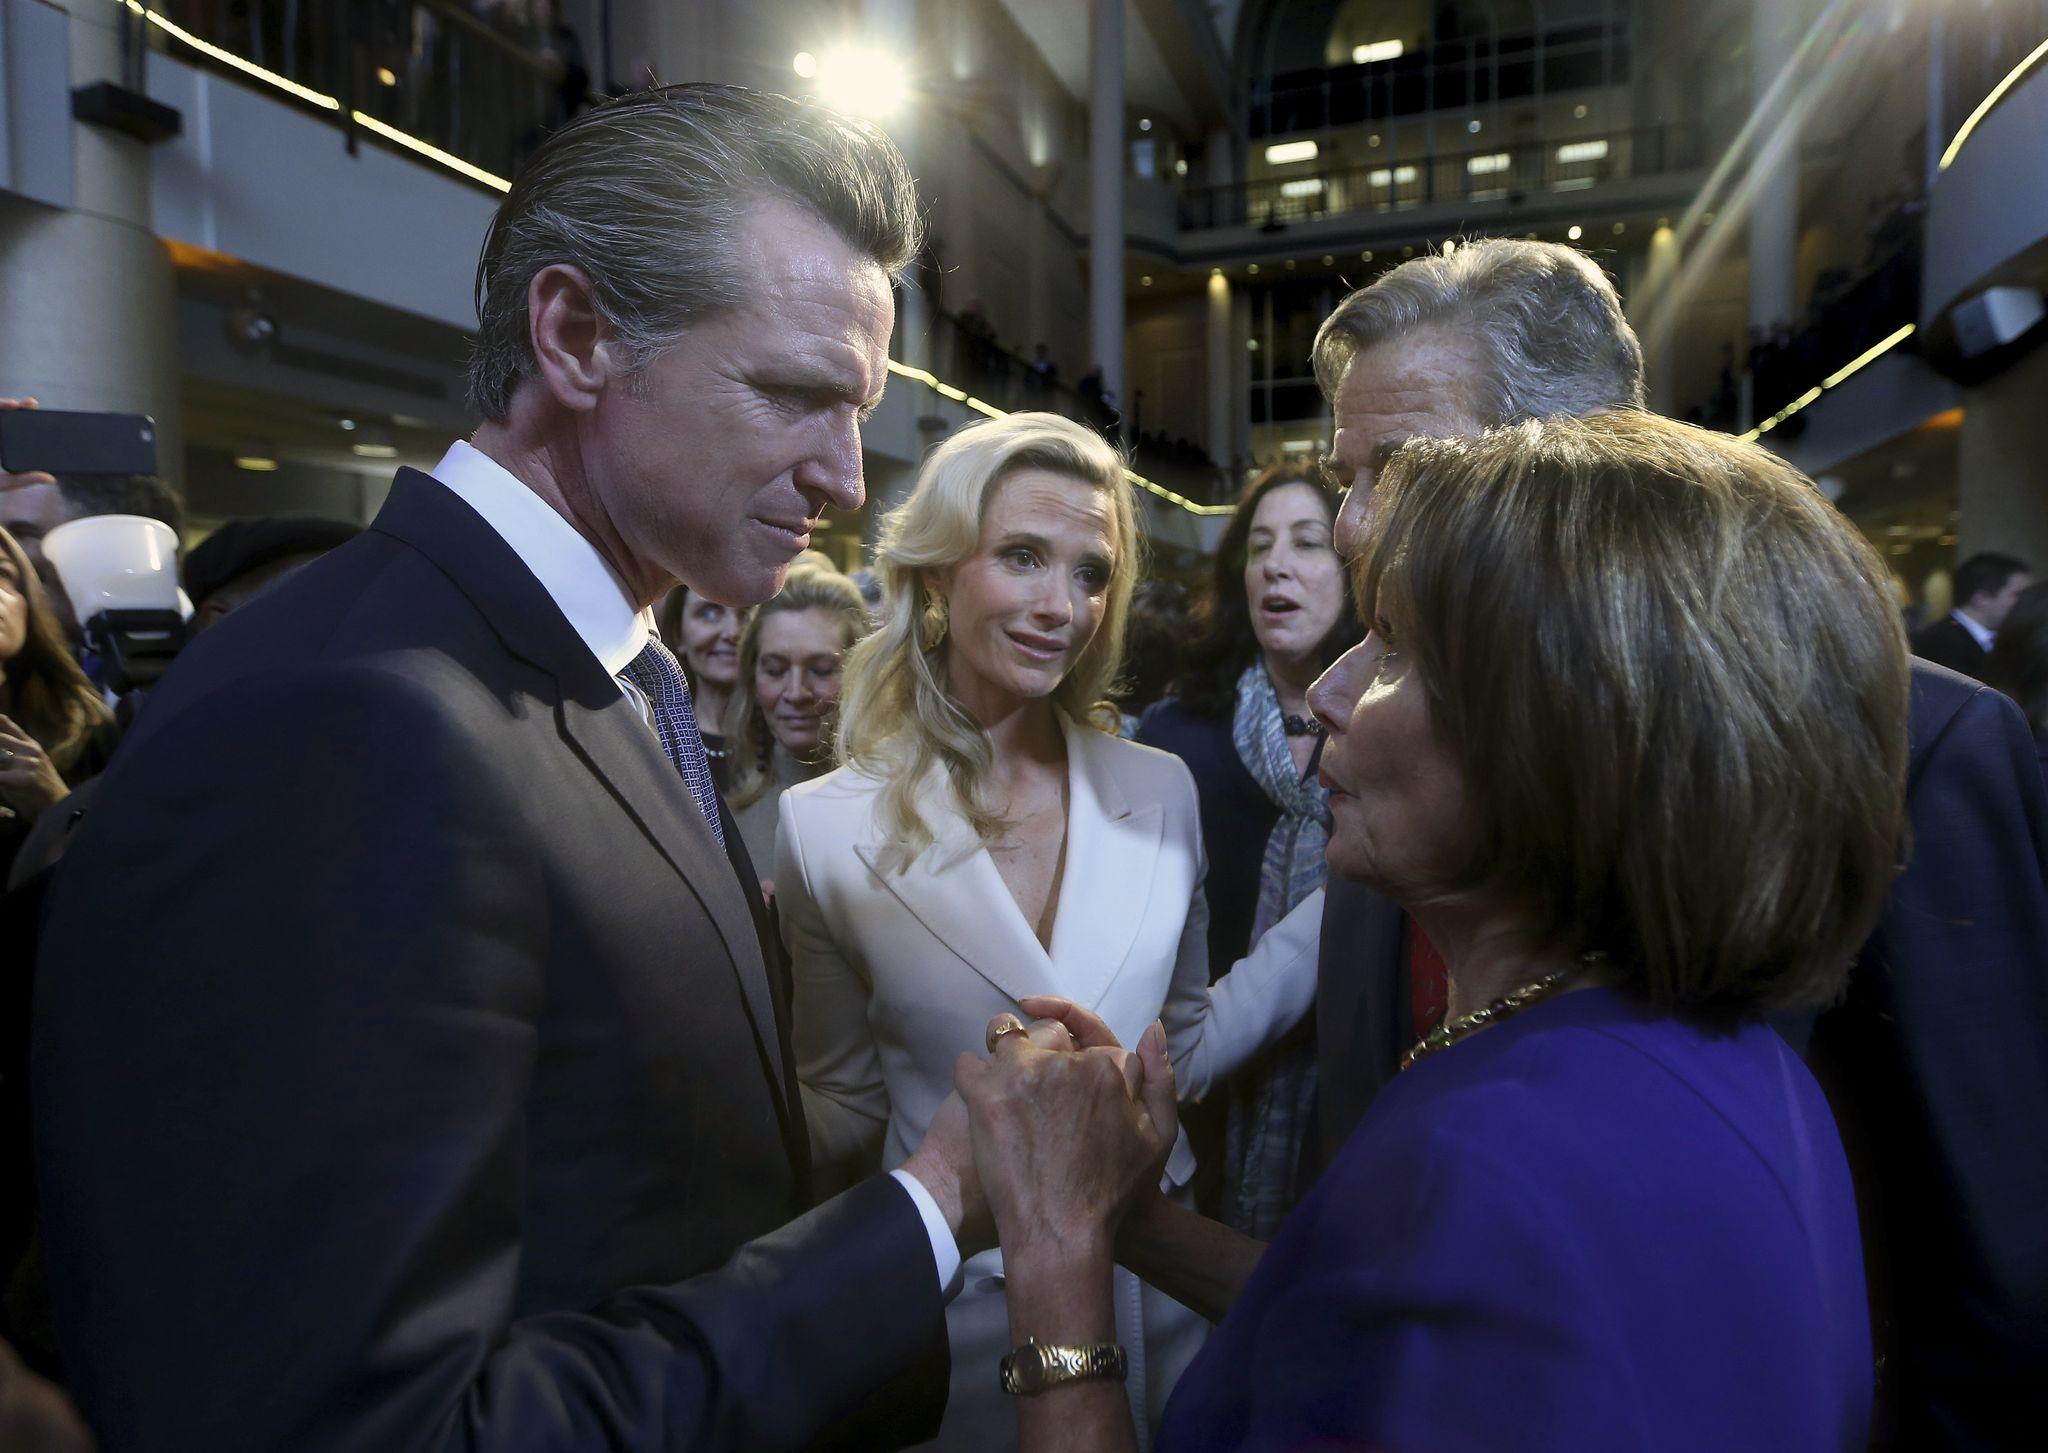 Gavin Newsom, Bill de Blasio push for health care for illegal immigrants in California, New York